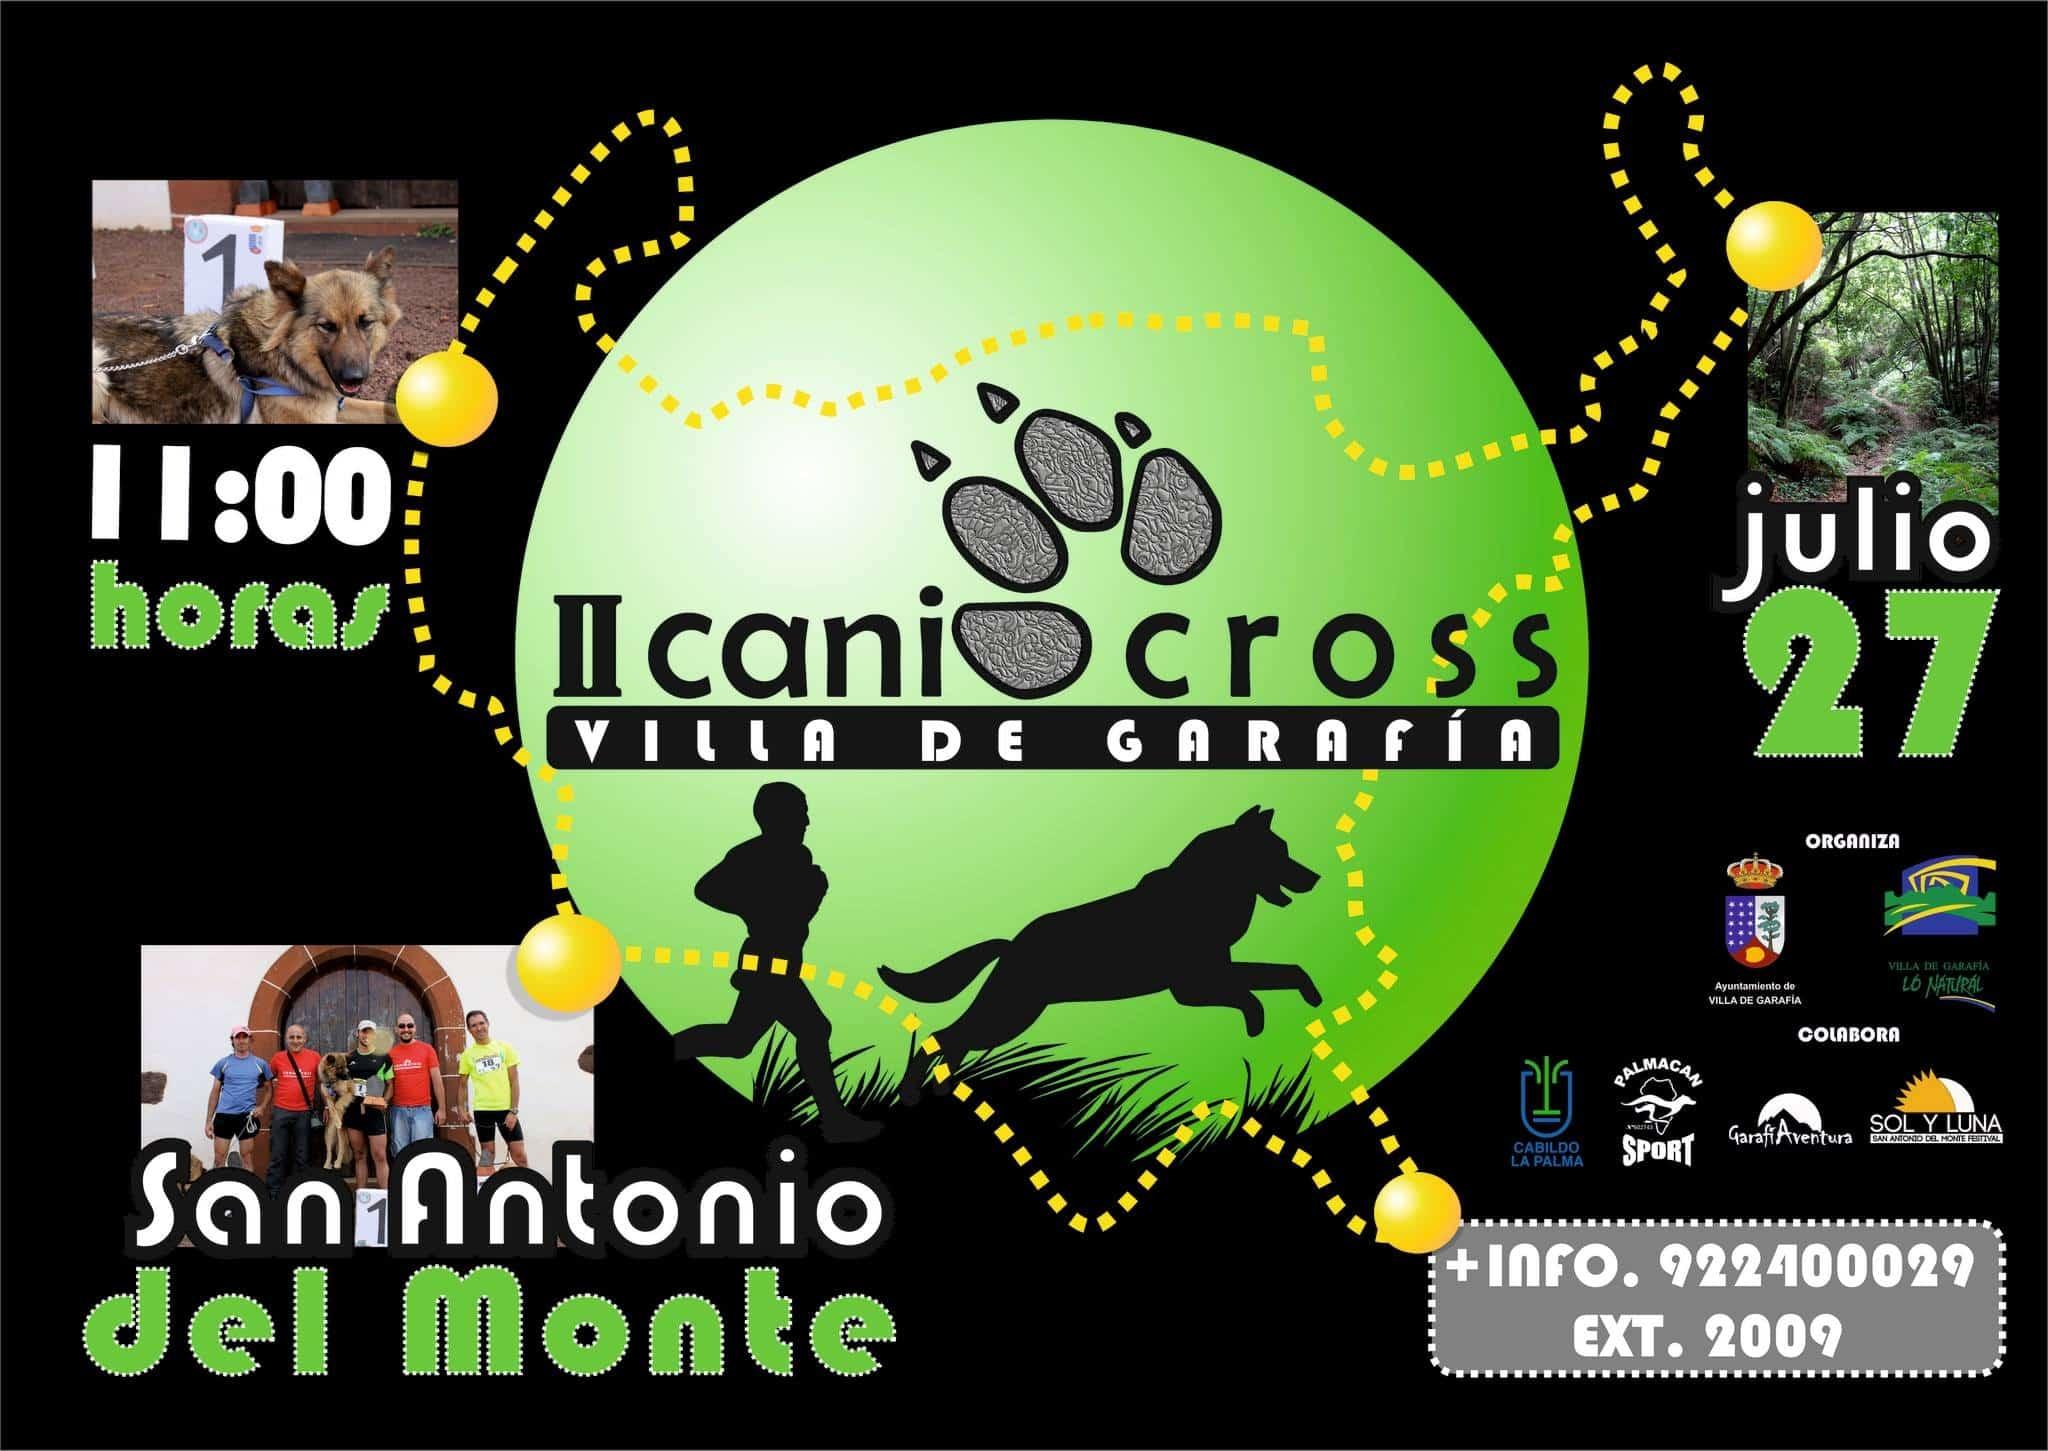 II Canicross San Antonio del Monte